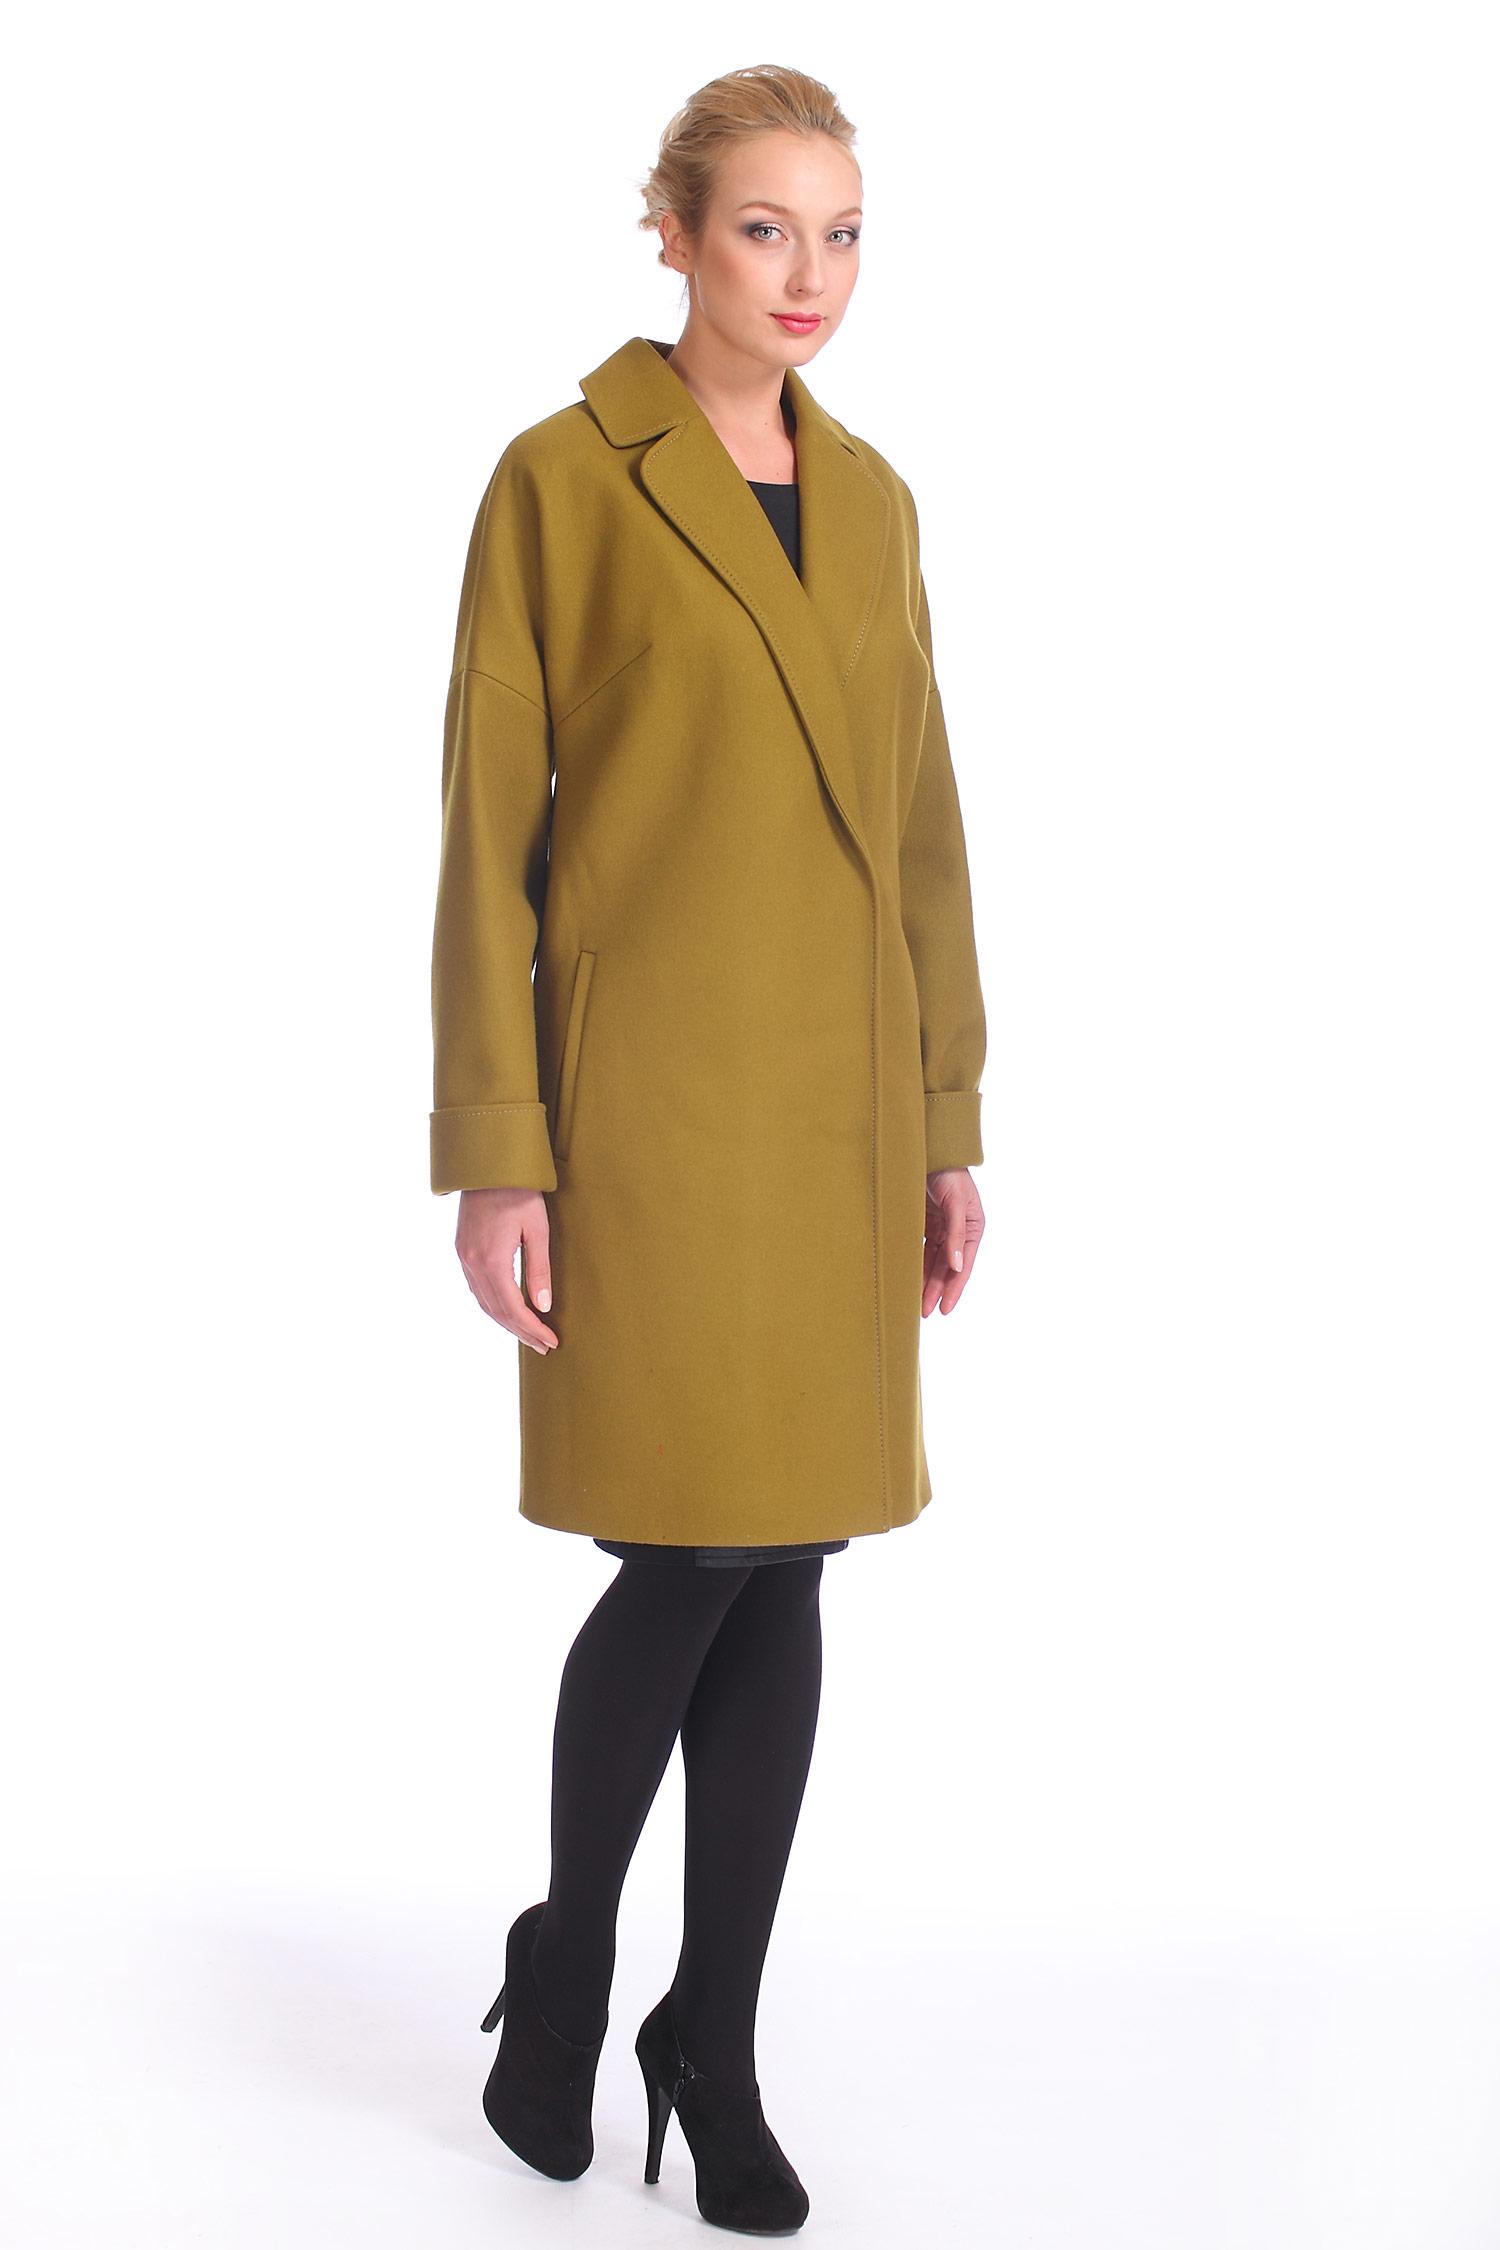 Купить пальто с меховым воротником Москва